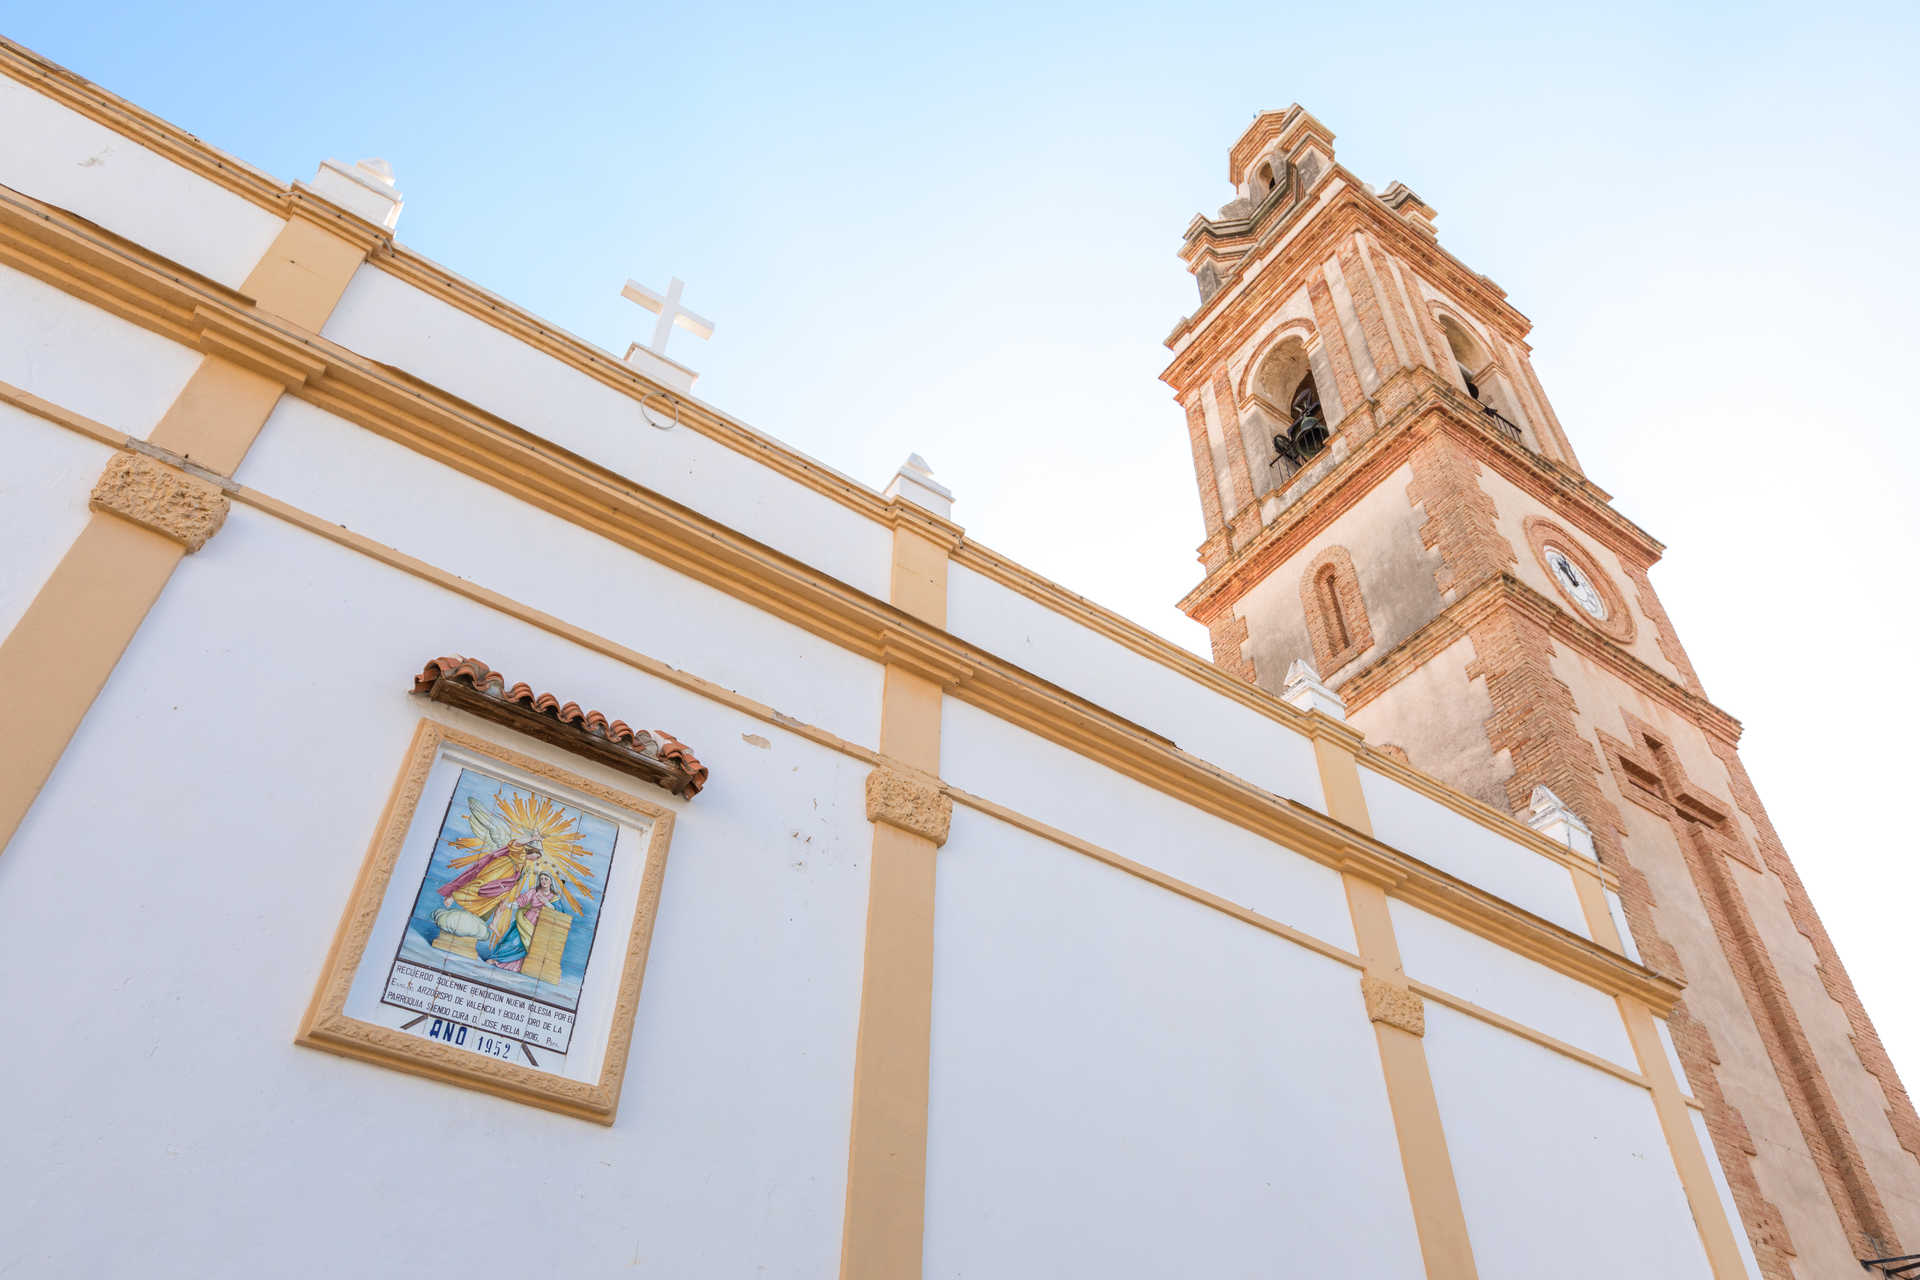 https://multimedia.comunitatvalenciana.com/02365FB0398D484C84C5299CF8C279D8/img/3BD541EEC8154E4BA75CB8B9D7ED7316/Nuestra_Senora_de_la_Encarnacion_7H9A1983.jpg?responsive